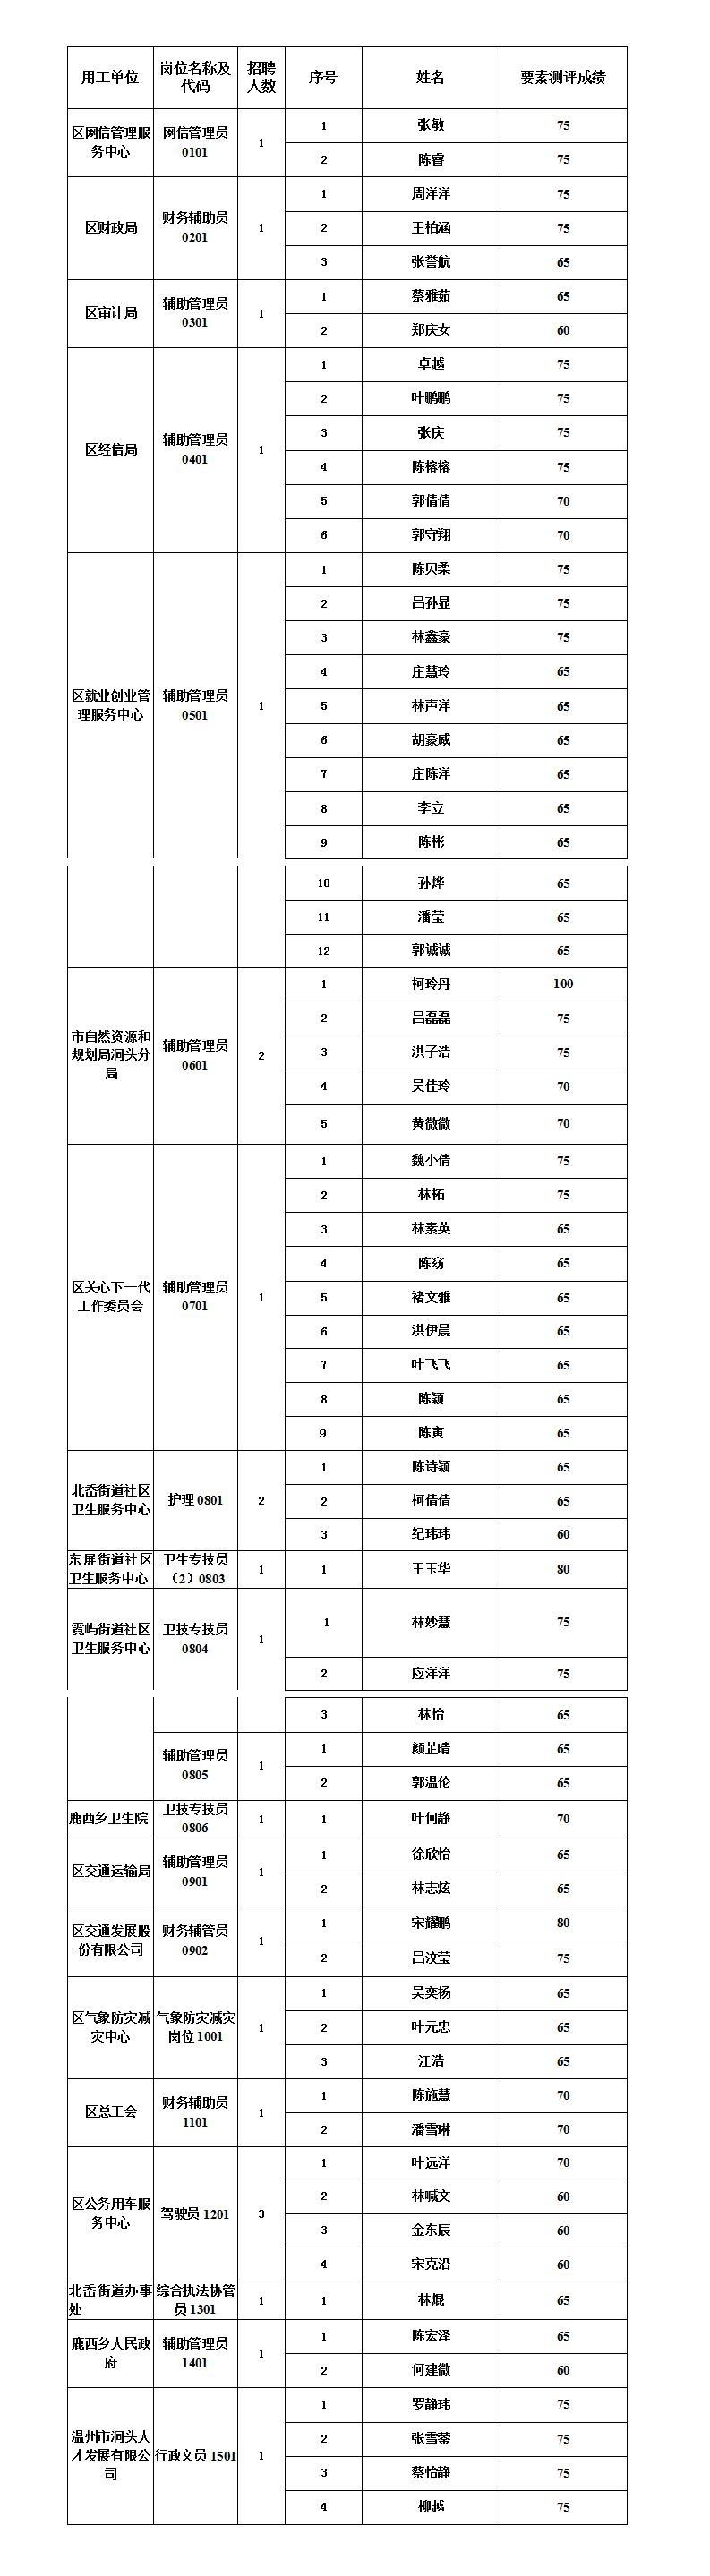 【入围面试】2020年温州市洞头区机关事业单位第二期公开招聘编外用工入围面试人员名单公布